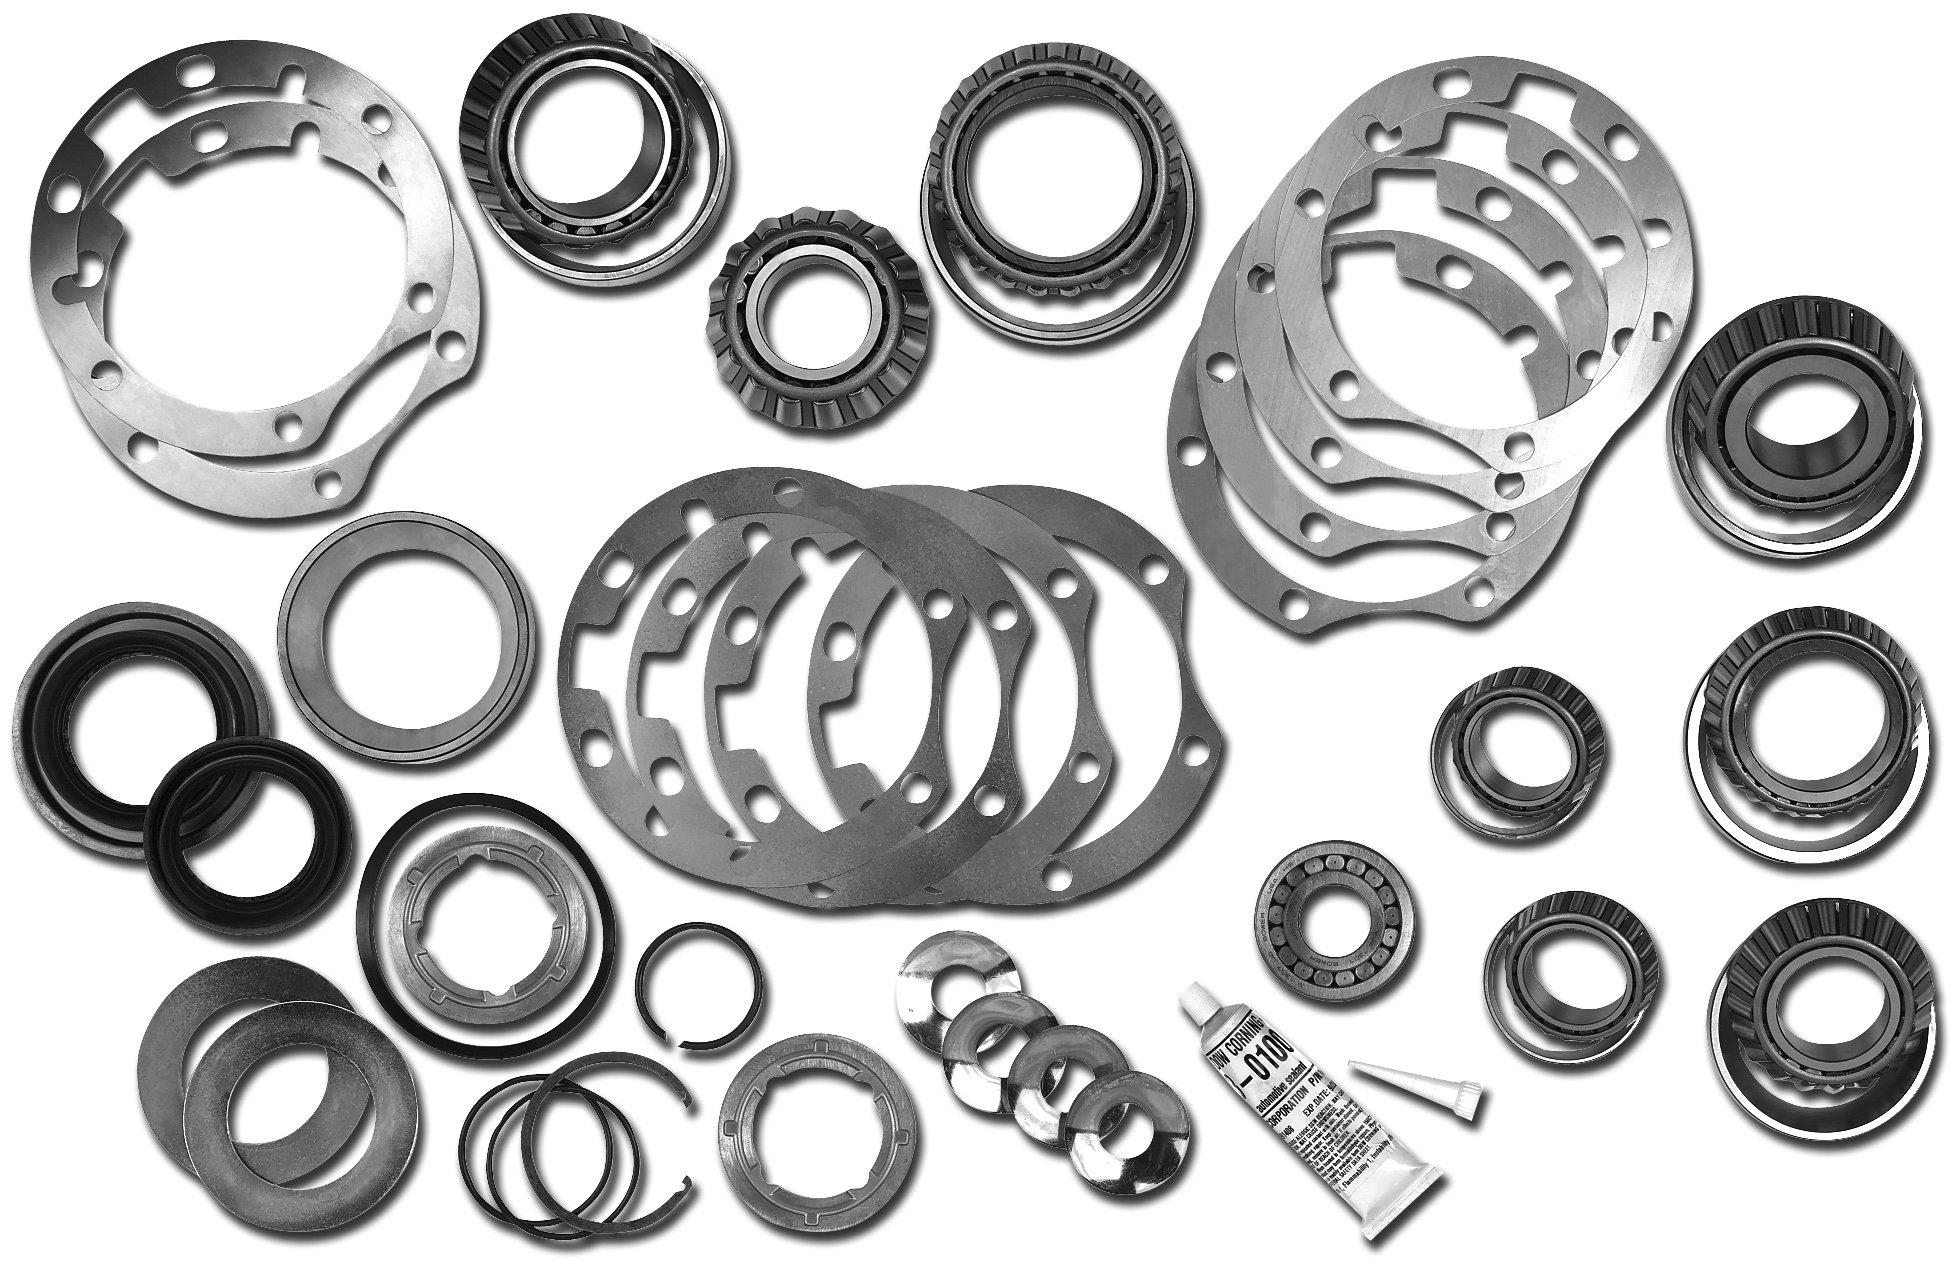 Dana Spicer 2017099 Master Axle Overhaul Kit for 01-06